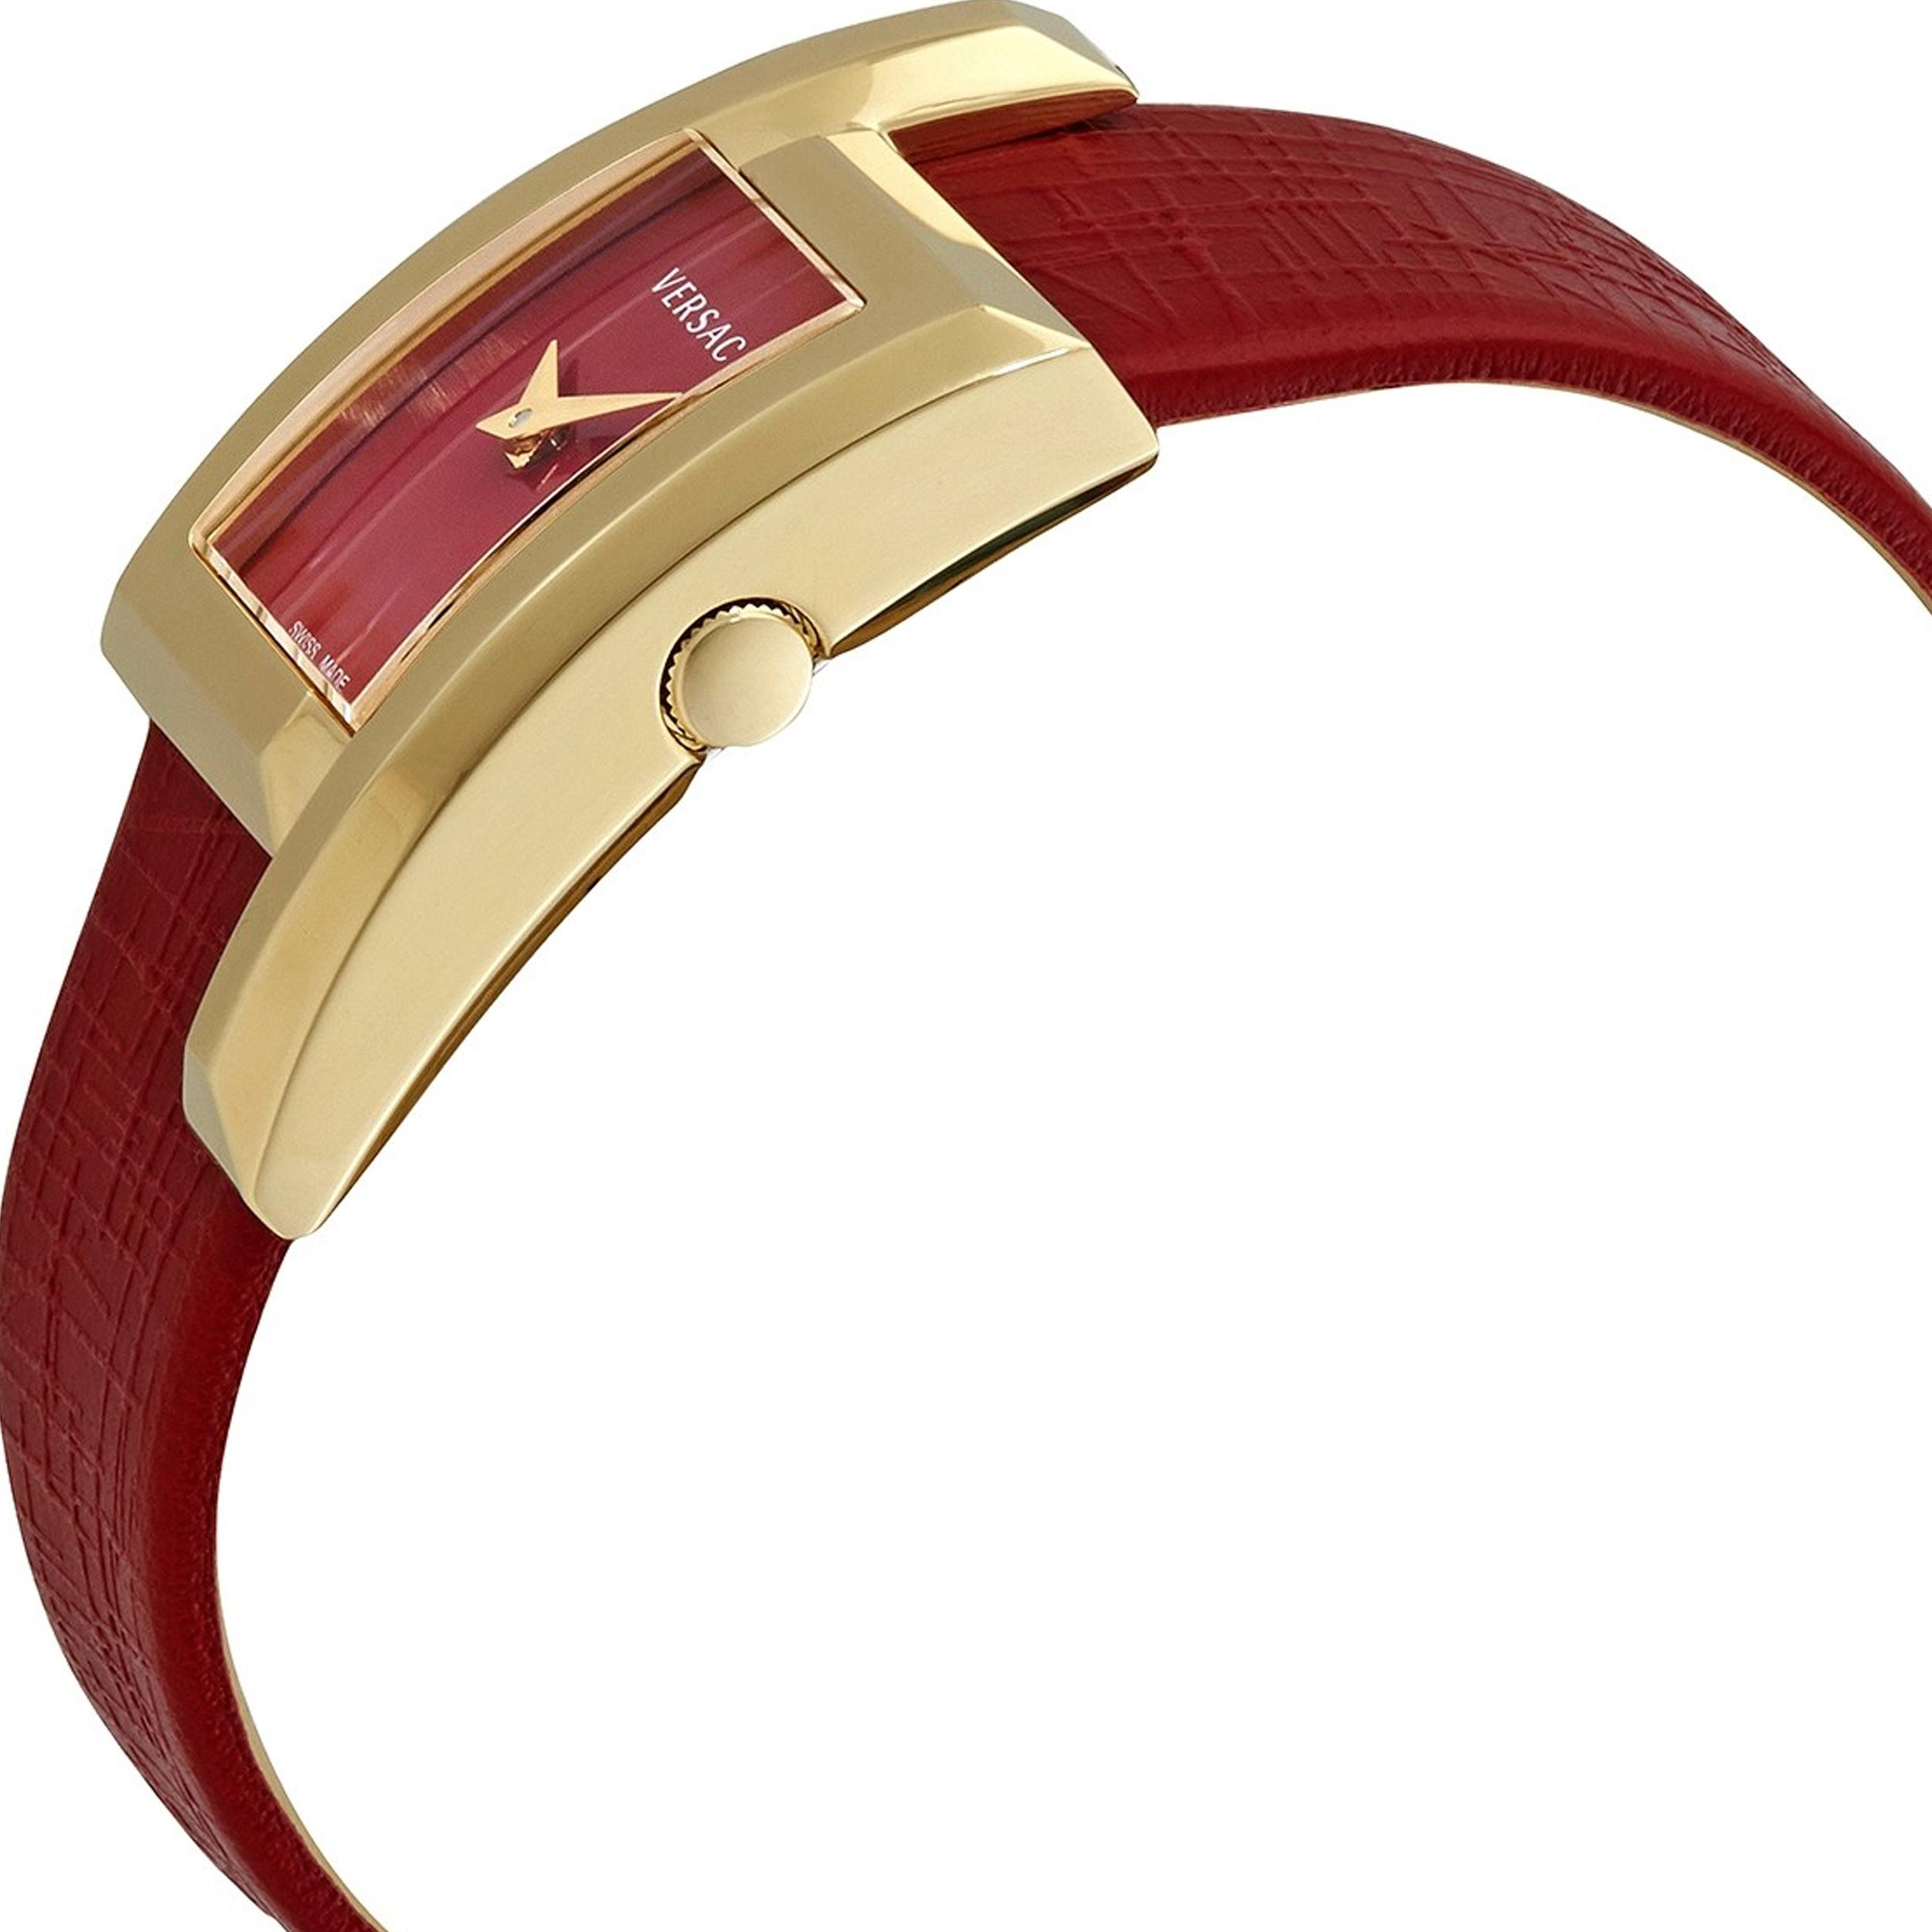 ساعت مچی عقربه ای زنانه ورساچه مدل VELU003 19              ارزان